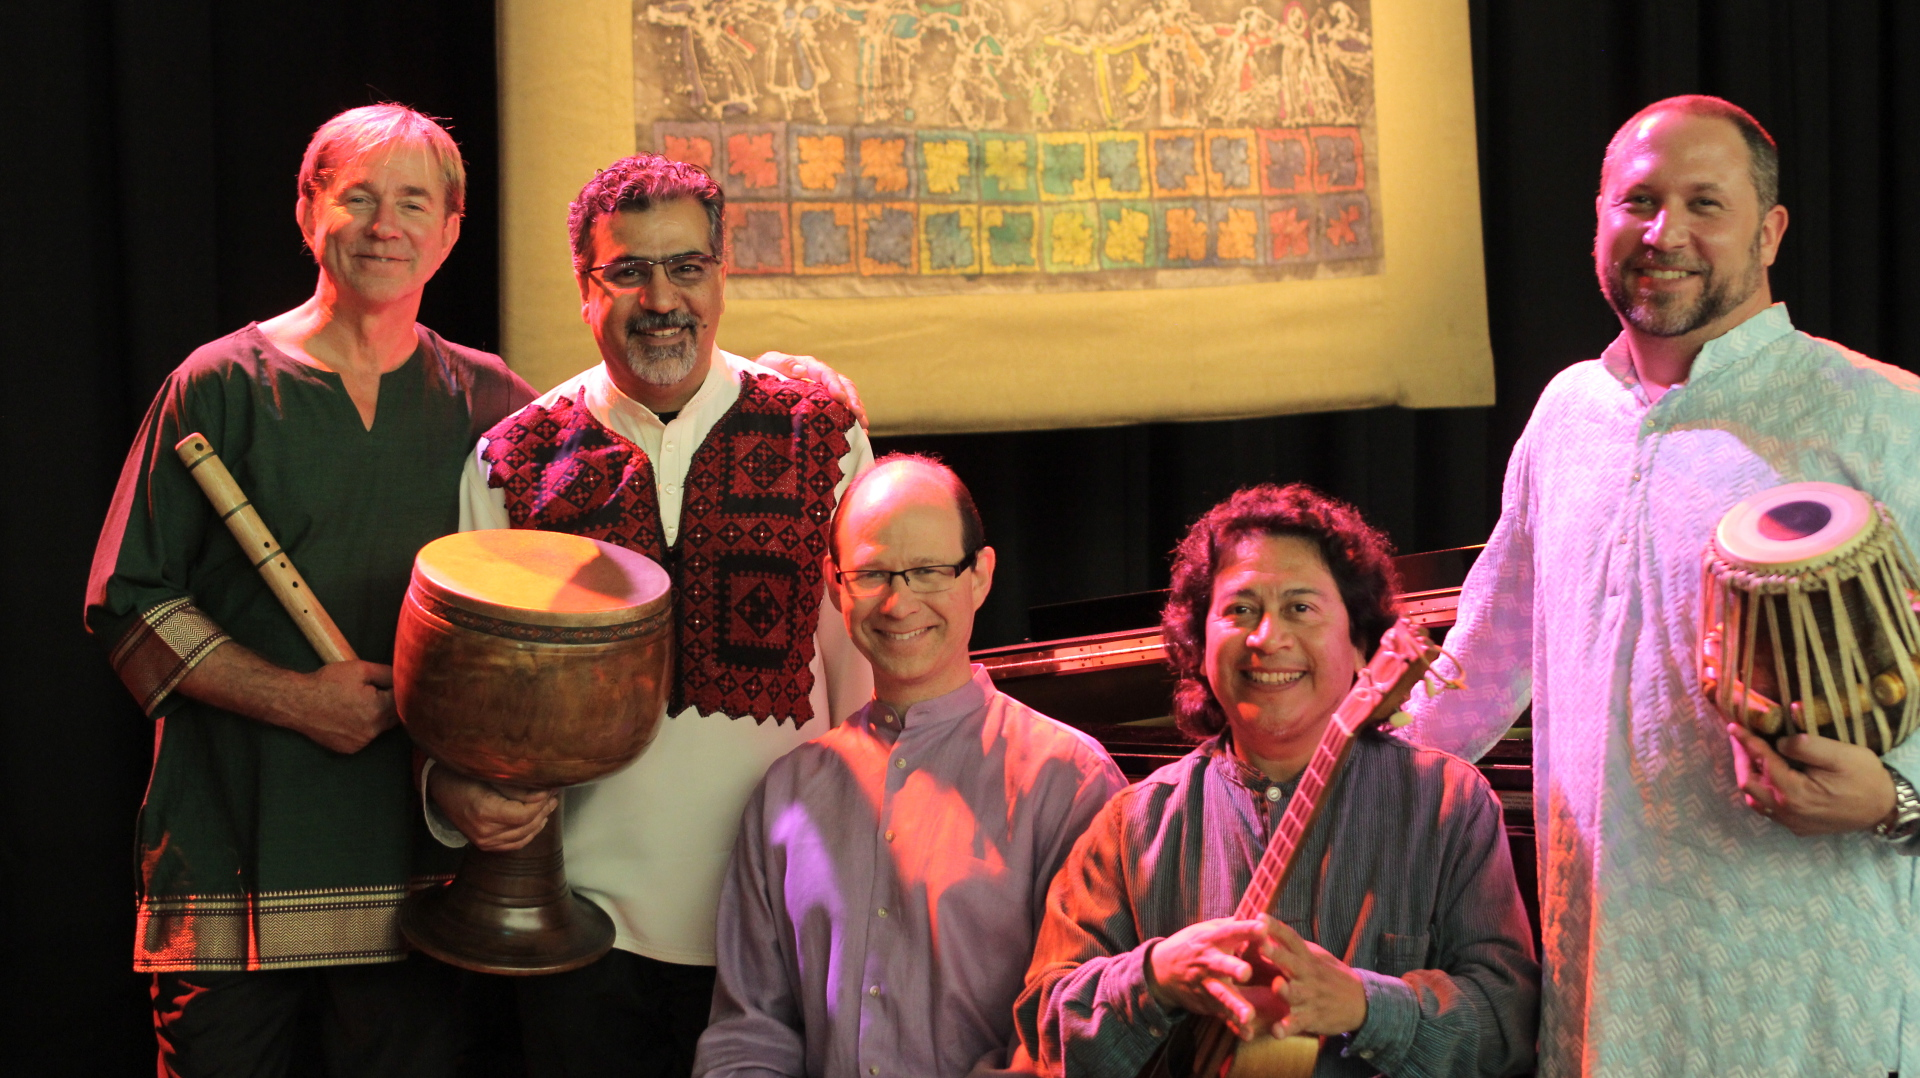 The Pathways Ensemble